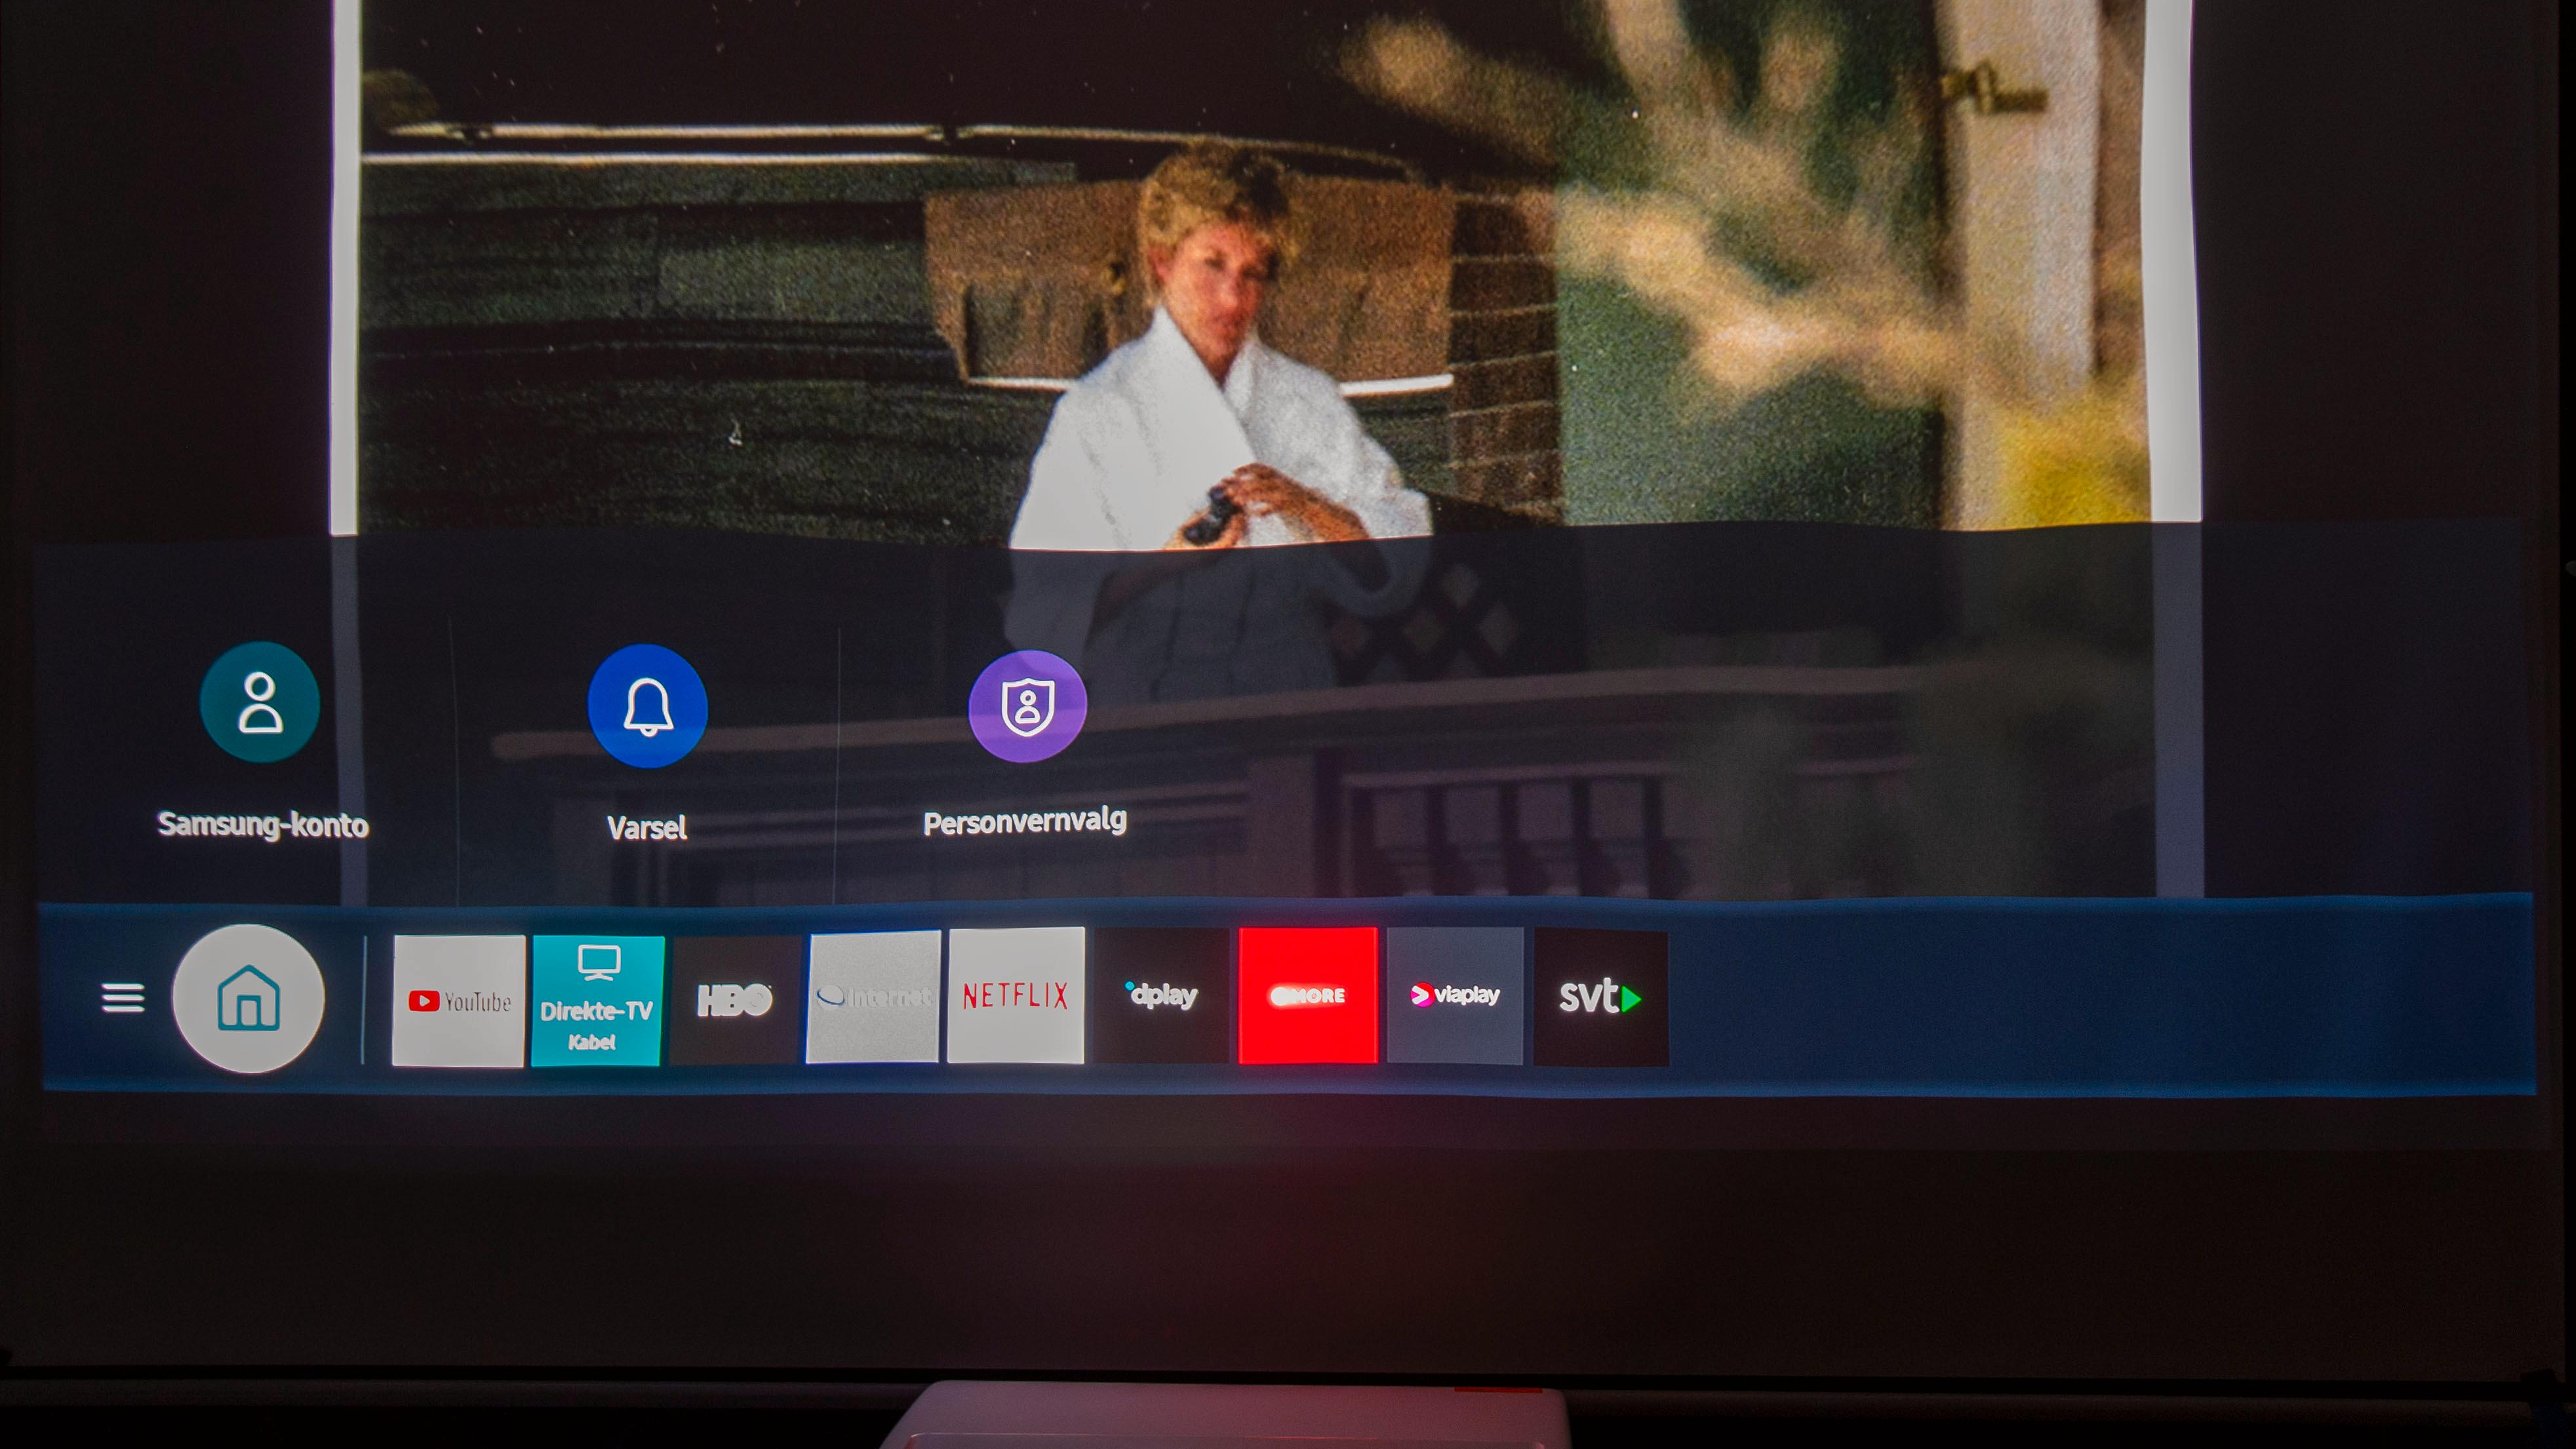 Projektoren bruker den samme menyen som må TV-ene til Samsung. Merk deg hvor skjevt bildet her. Her har vi ristet litt i lerretet for å vise hvor lite som skal til før bildet blir feil.